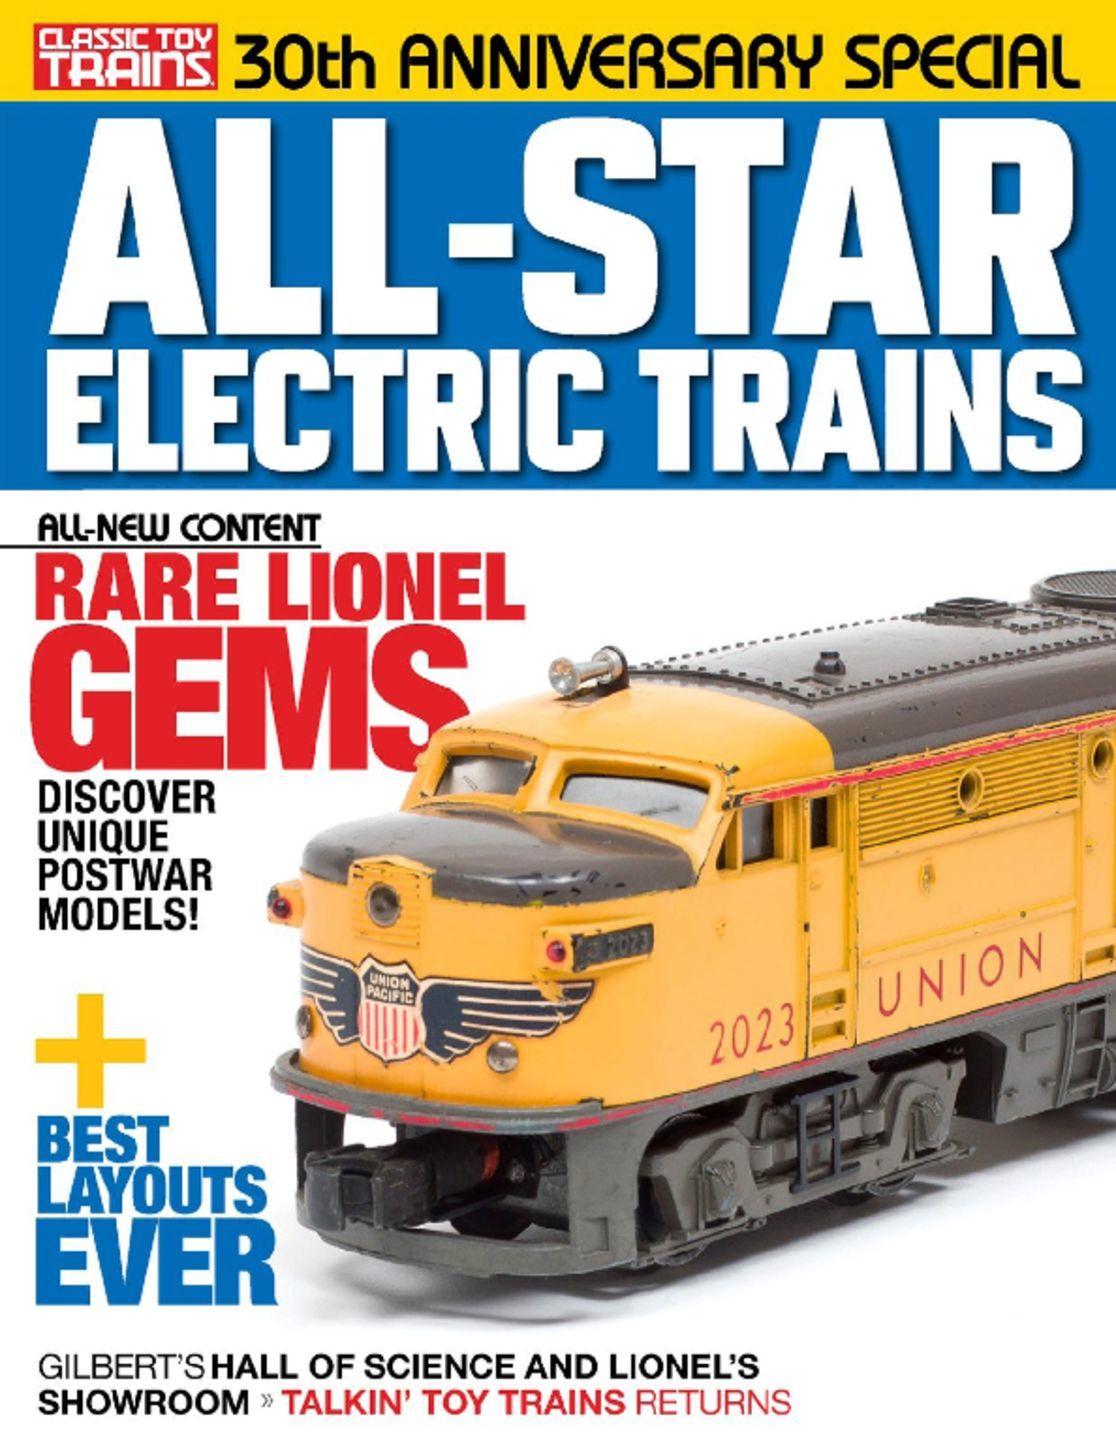 All Star Electric Trains Digital